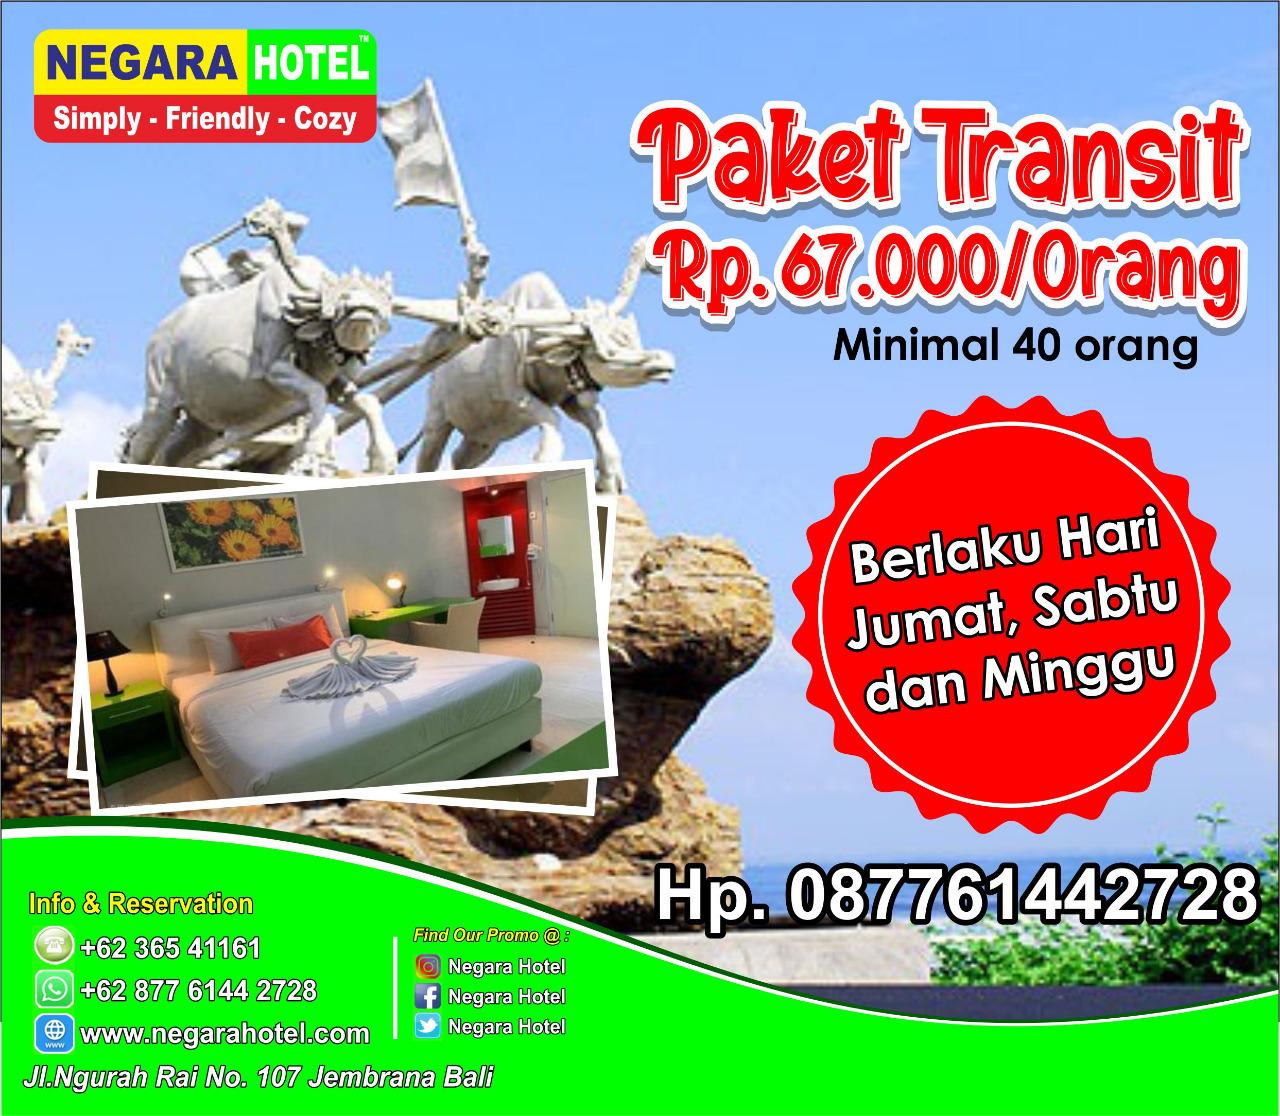 Promo Paket Transit